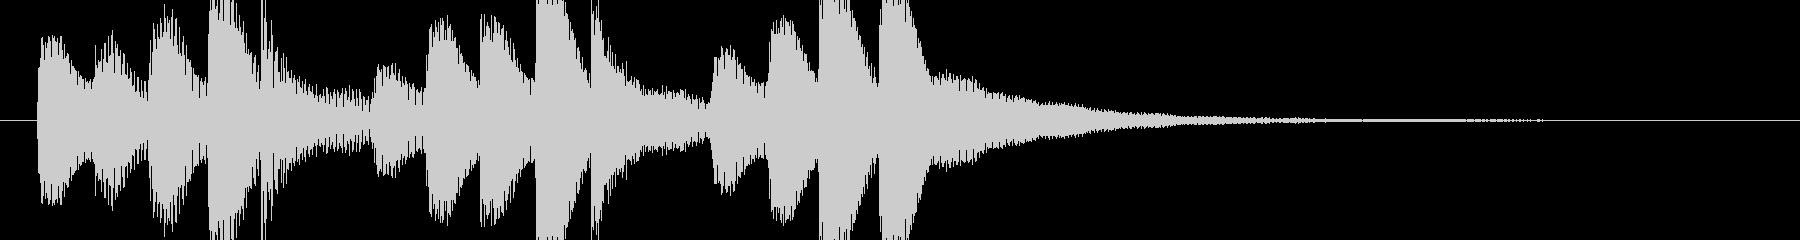 ドラム/ティンバレス フィルイン 2の未再生の波形